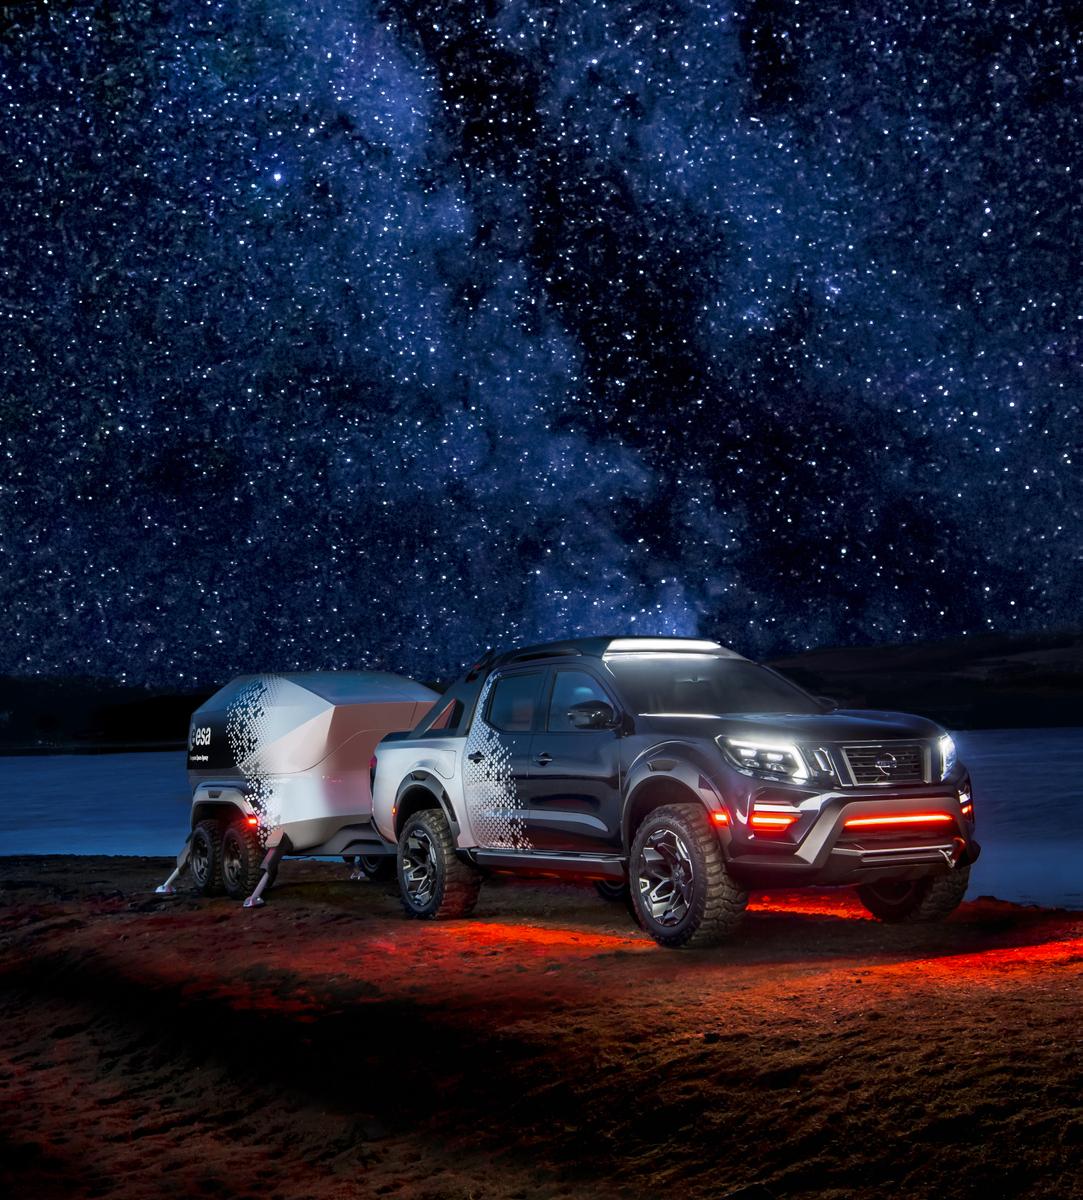 日産、モバイル天文ラボの機能を持つ宇宙観測車「ナバラ ダークスカイ コンセプト」公開